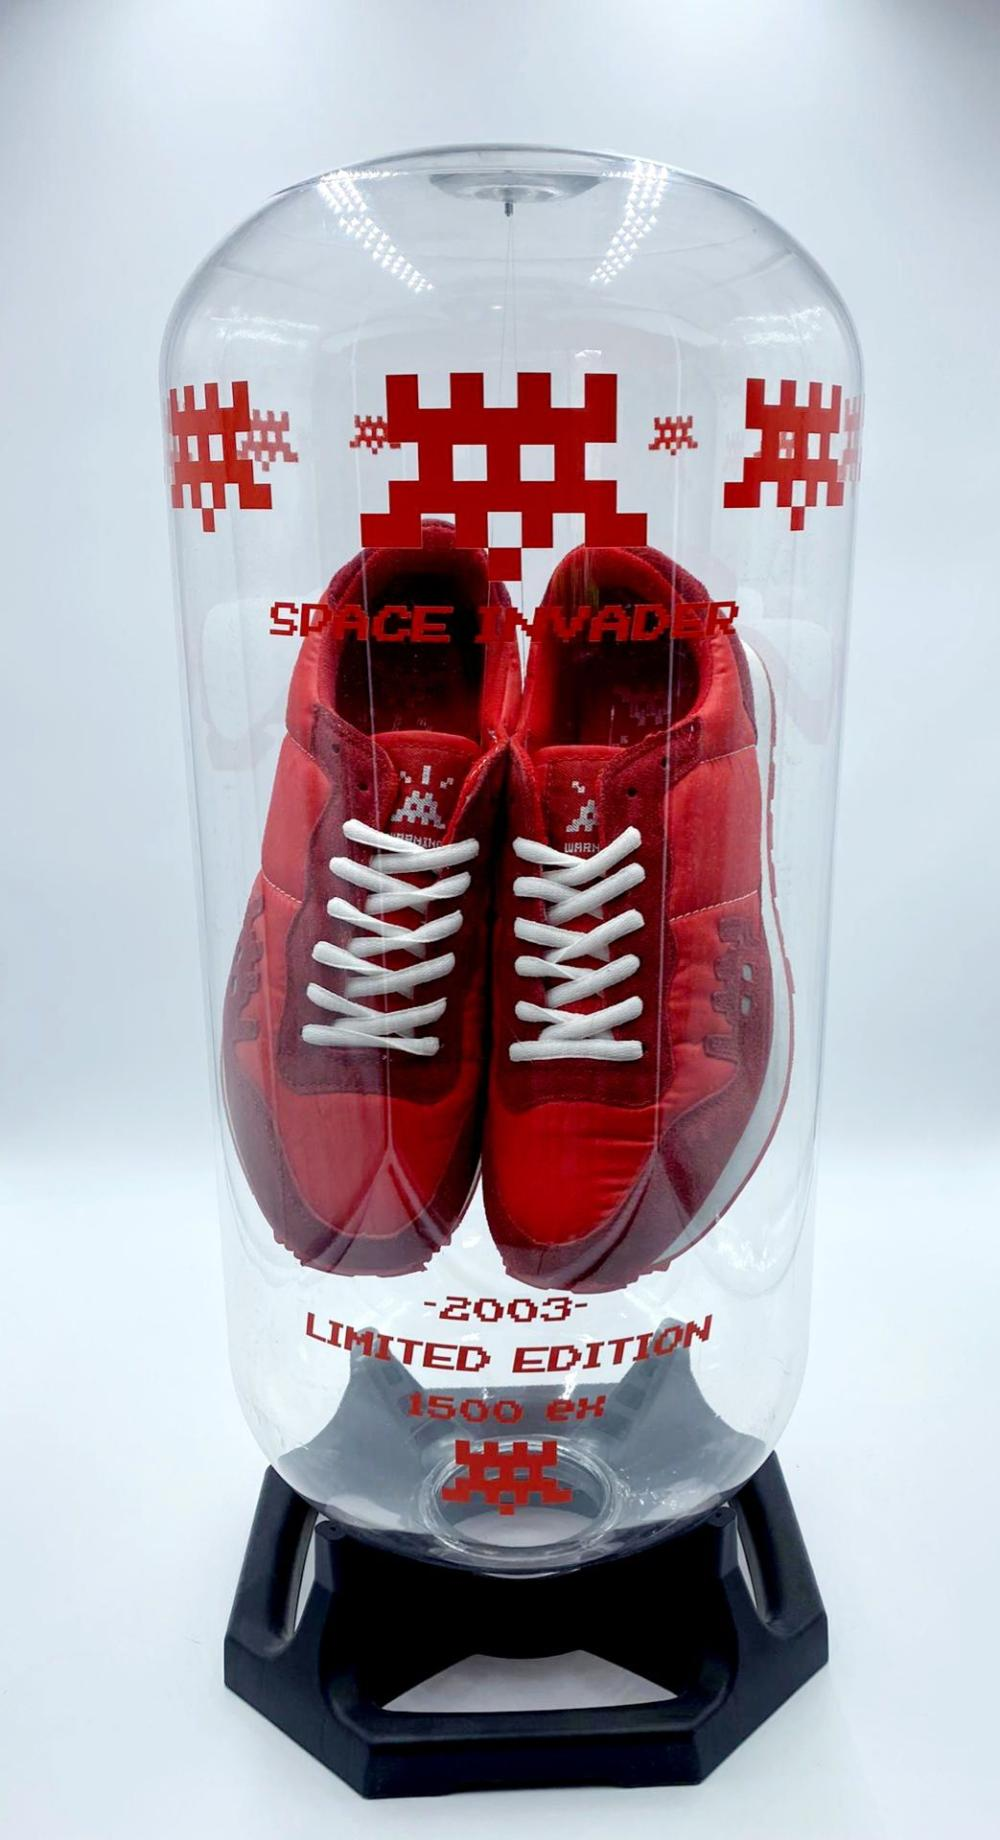 Invader - Space Invader (Red), 2003